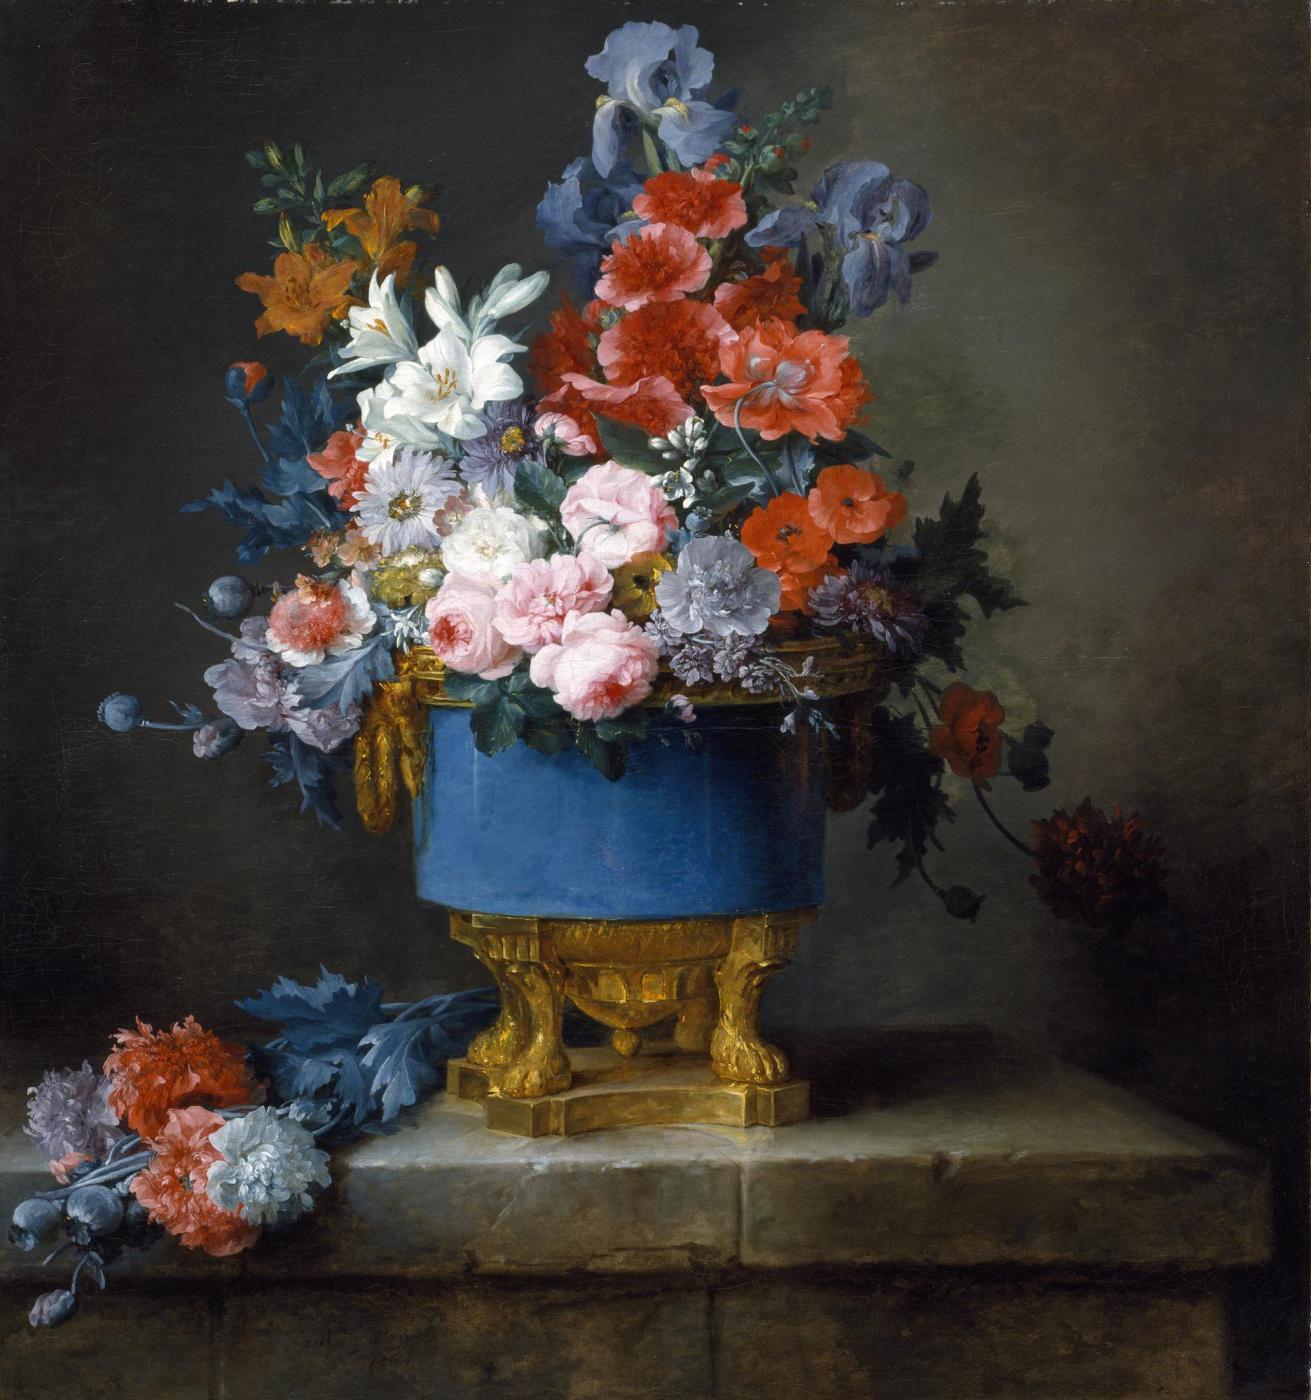 Американские гастроли французских букетов: выставка цветочных натюрмортов побывает в трех городах